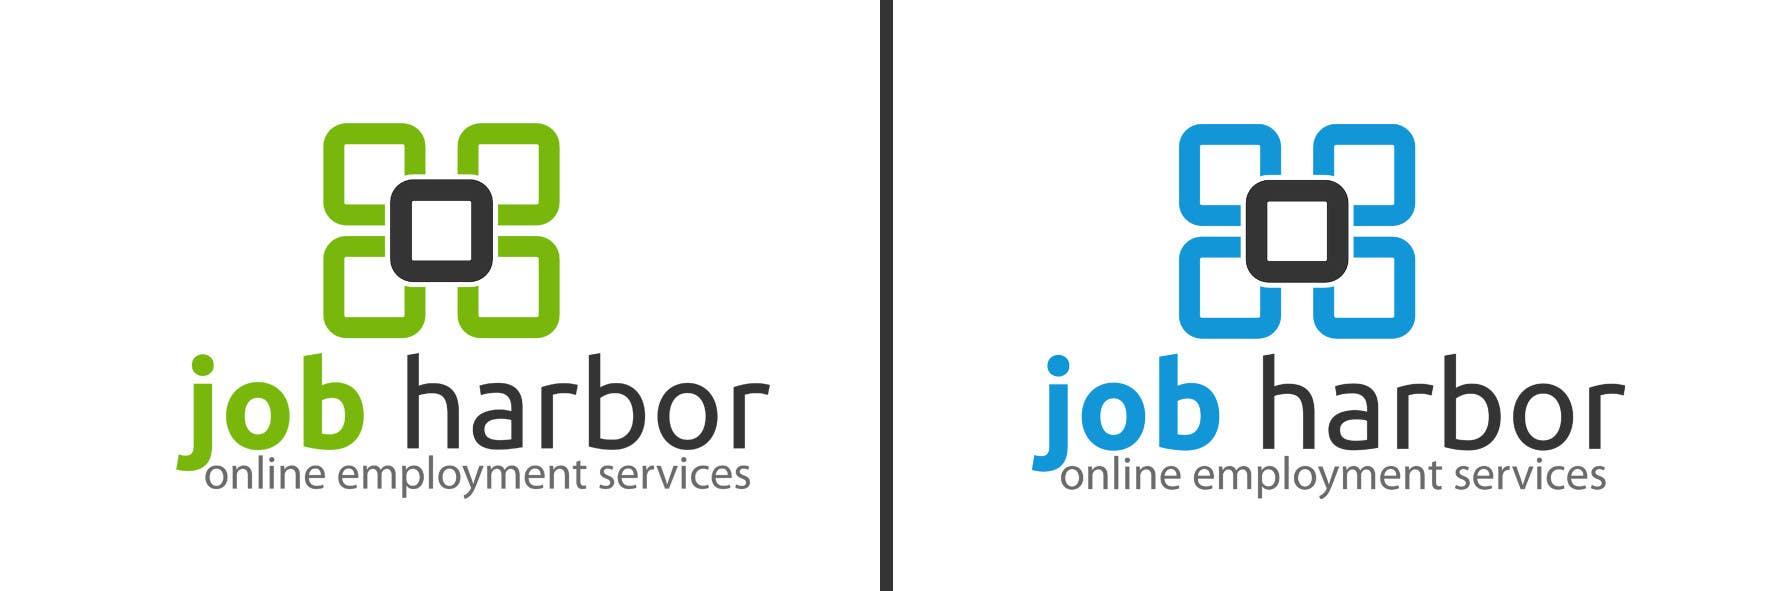 Penyertaan Peraduan #205 untuk Logo Design for Job Harbor